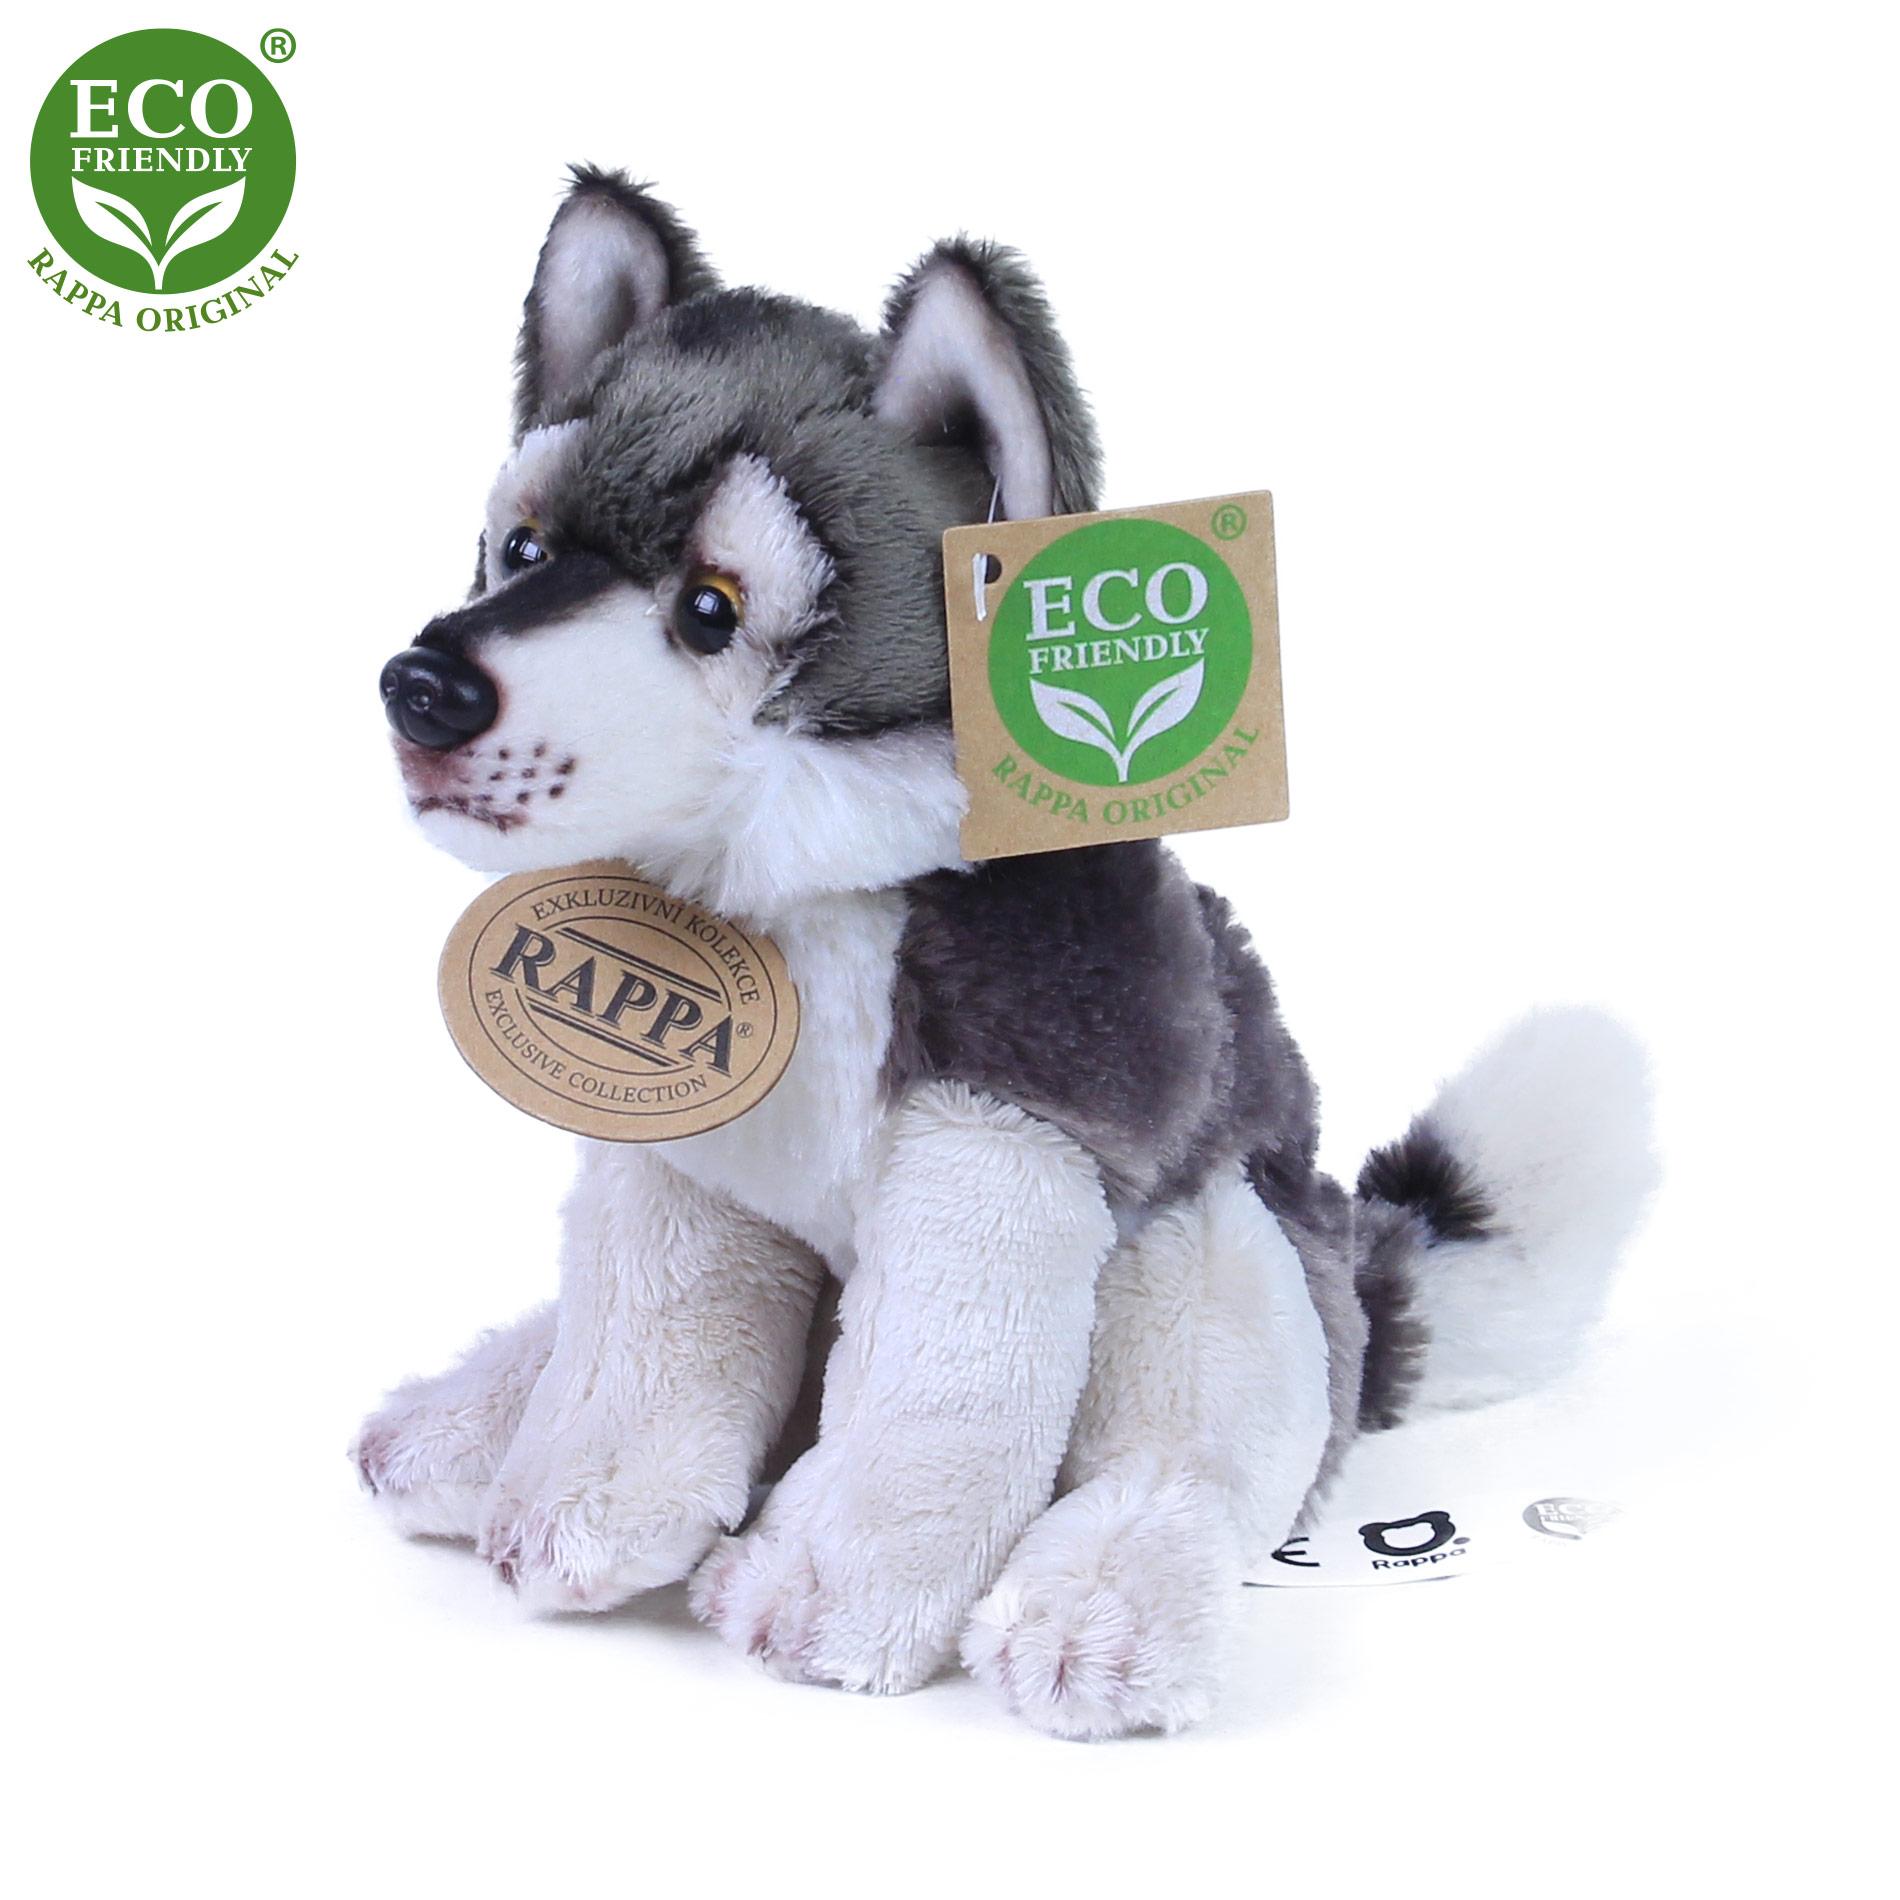 plyšový vlk sediaci, 15 cm